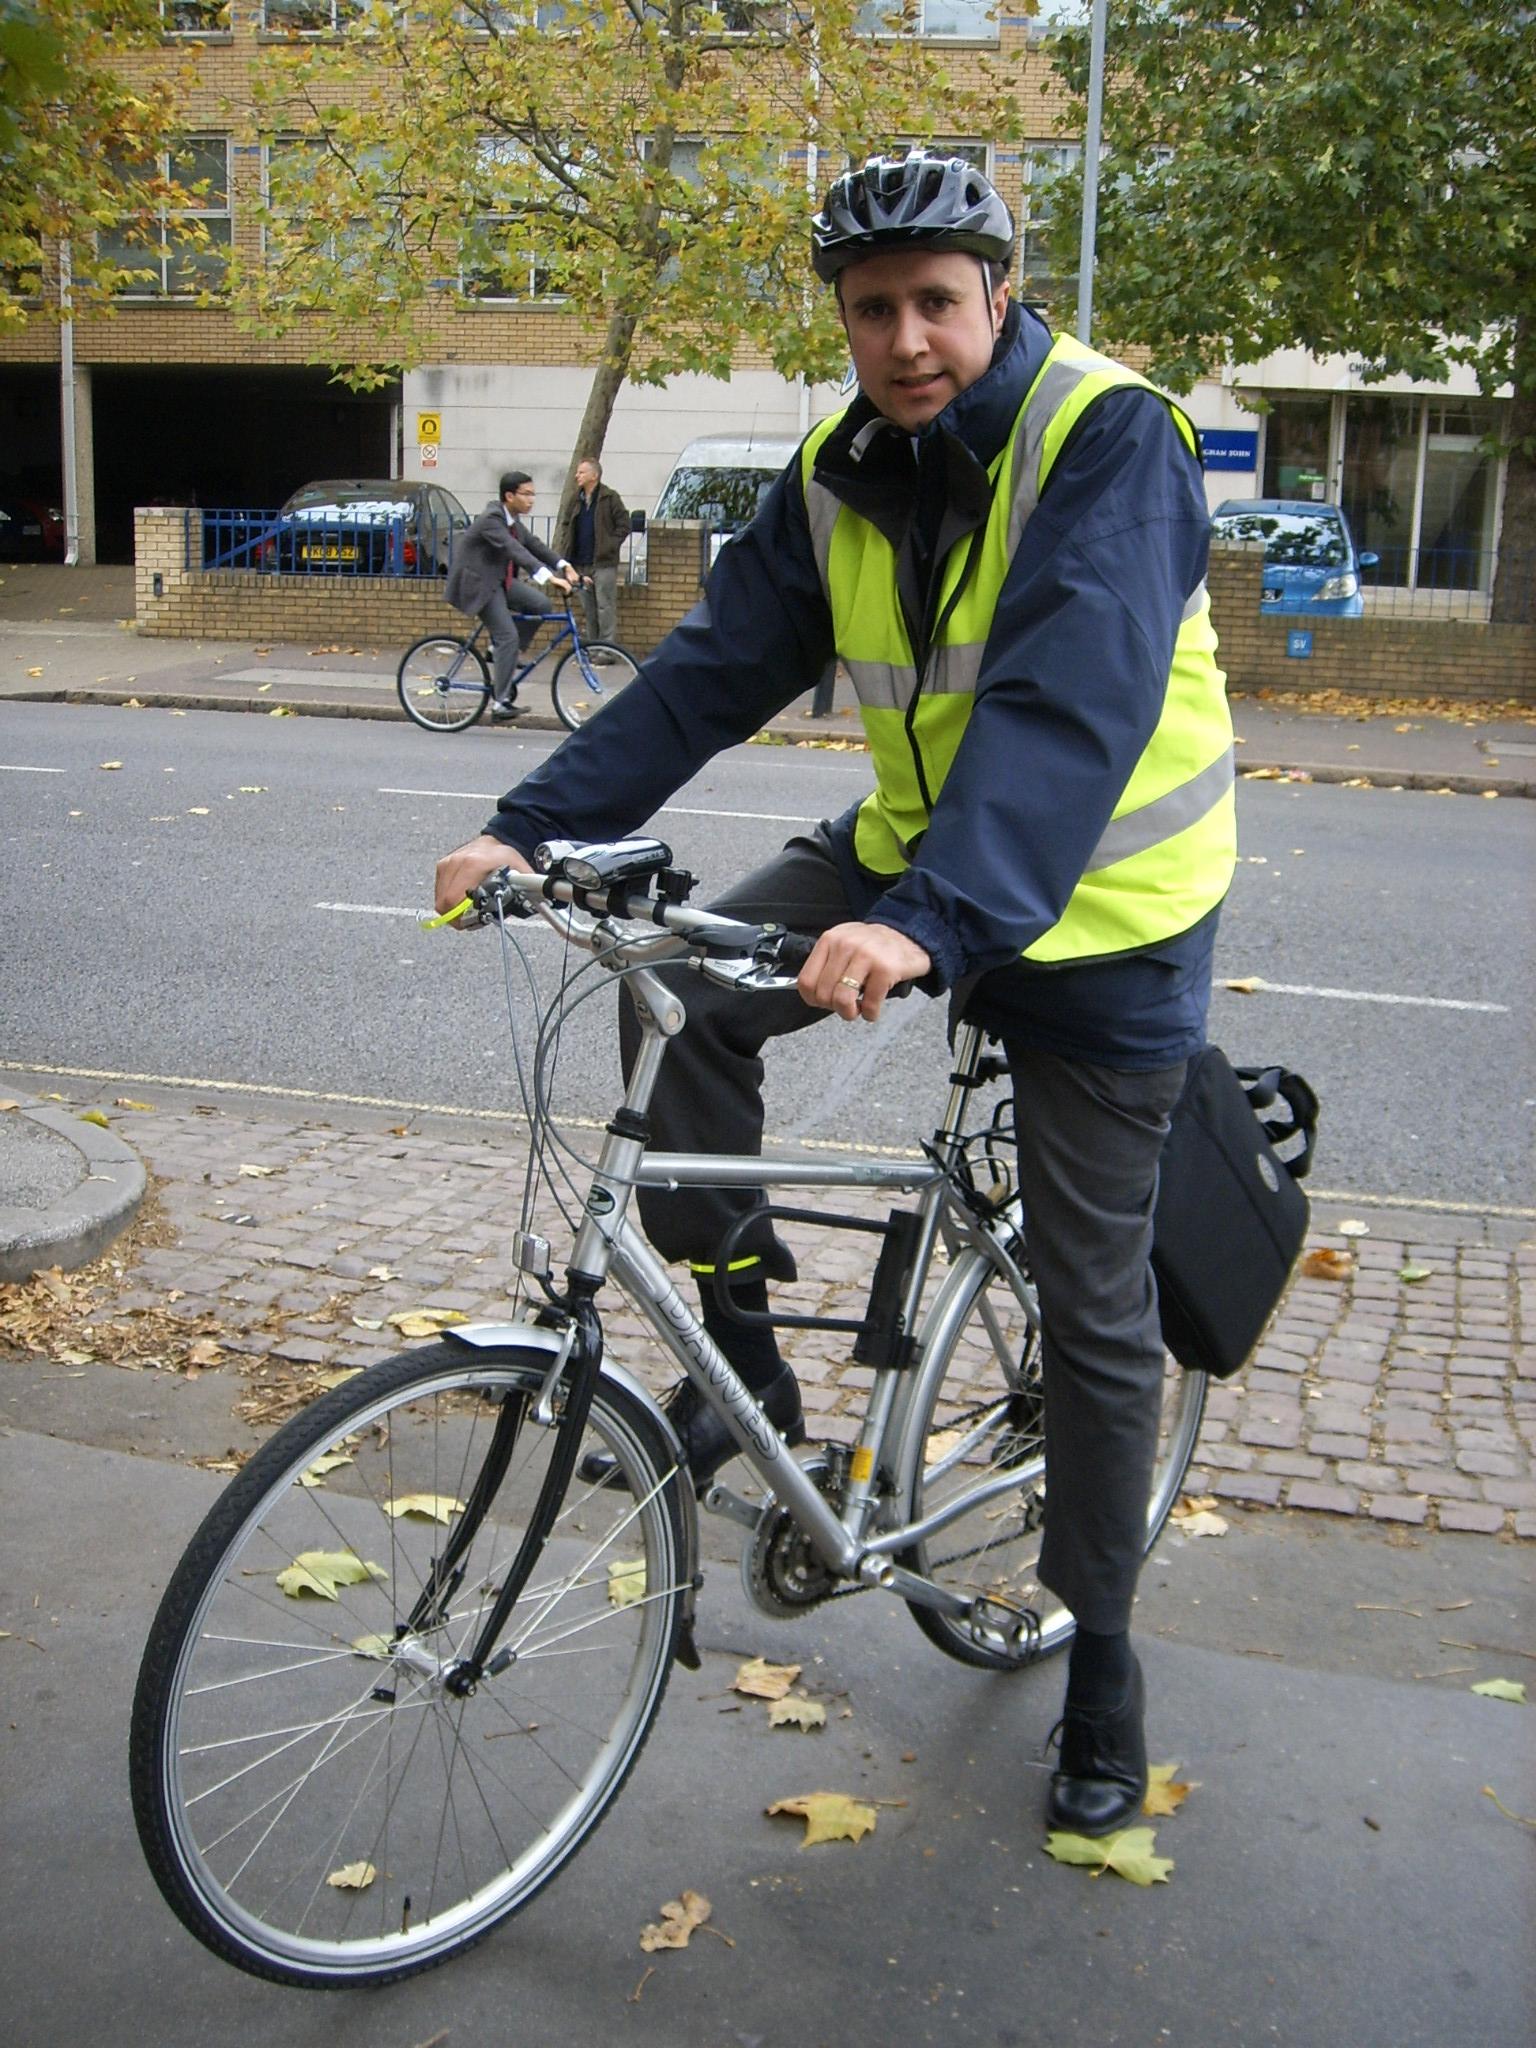 JC_bike_(2).jpg